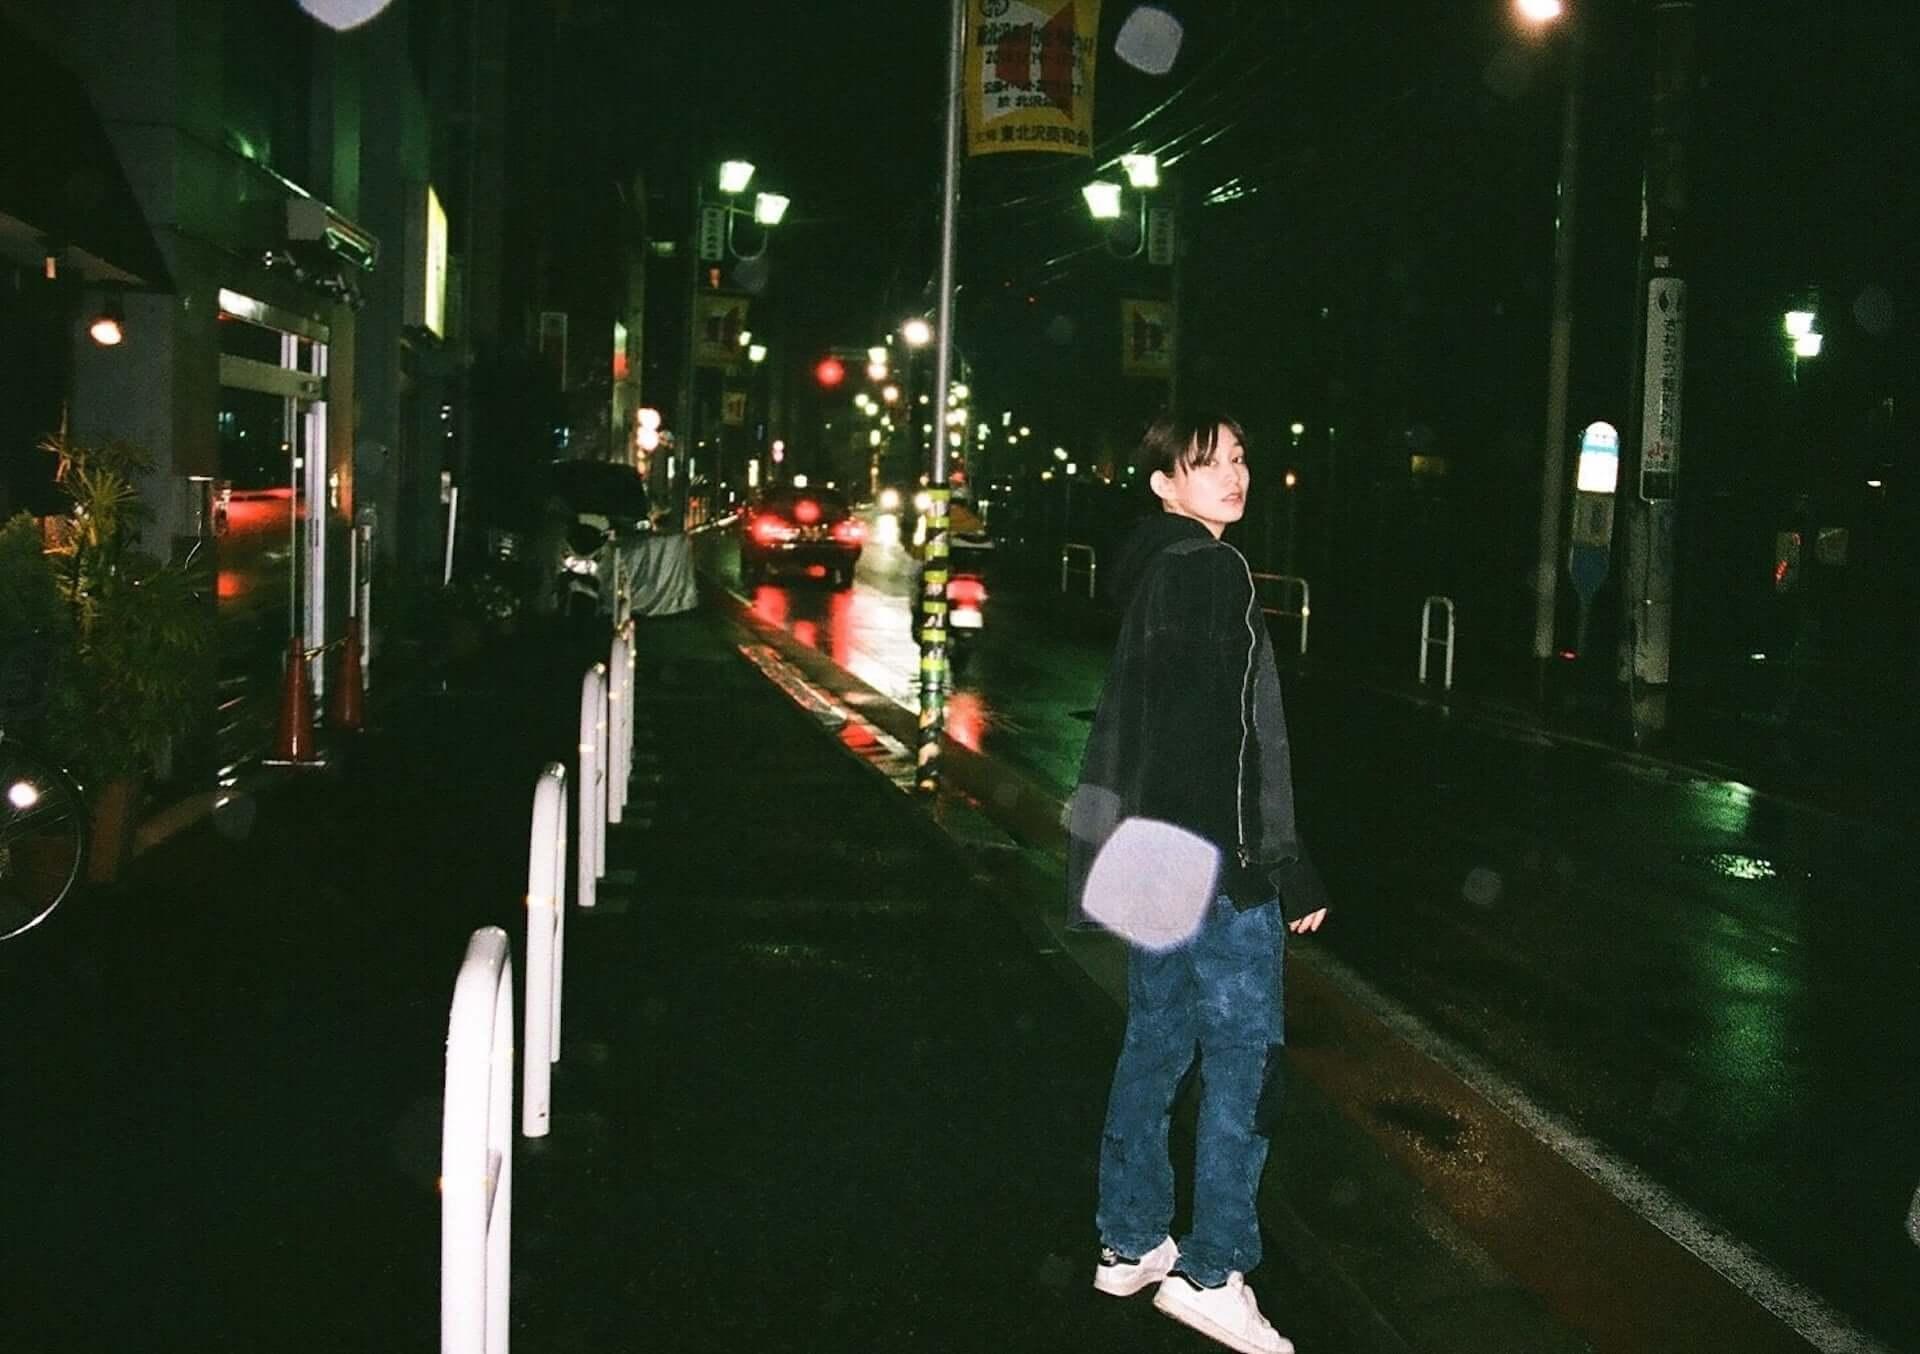 どうも東京の人にはなれなかったらしい|わたしわるくないもん column181129-rarara-1-1920x1354